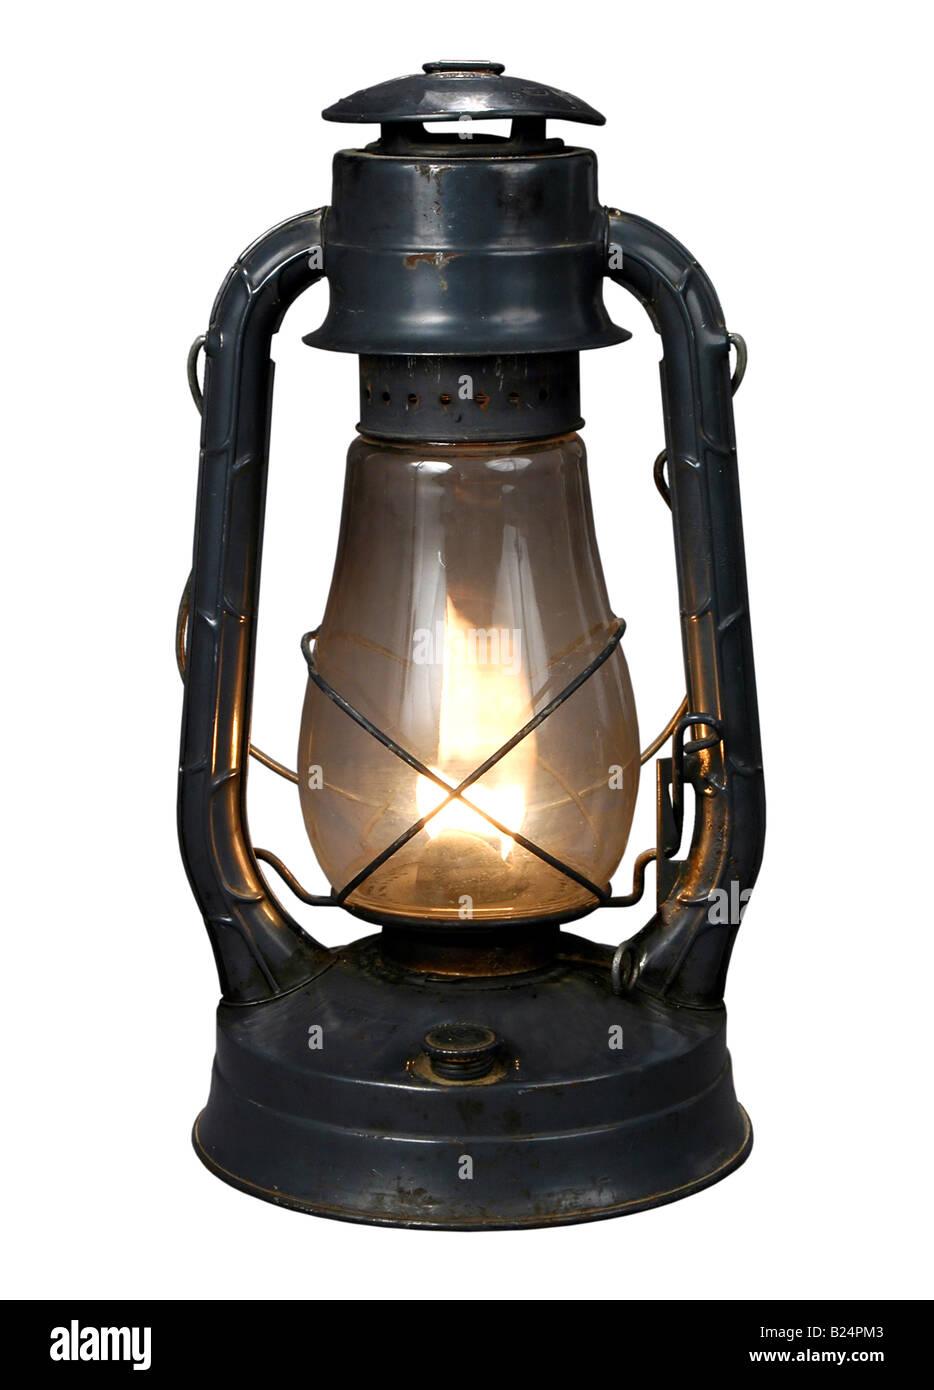 Accesa antiquariato lampada olio isolate su uno sfondo bianco Immagini Stock